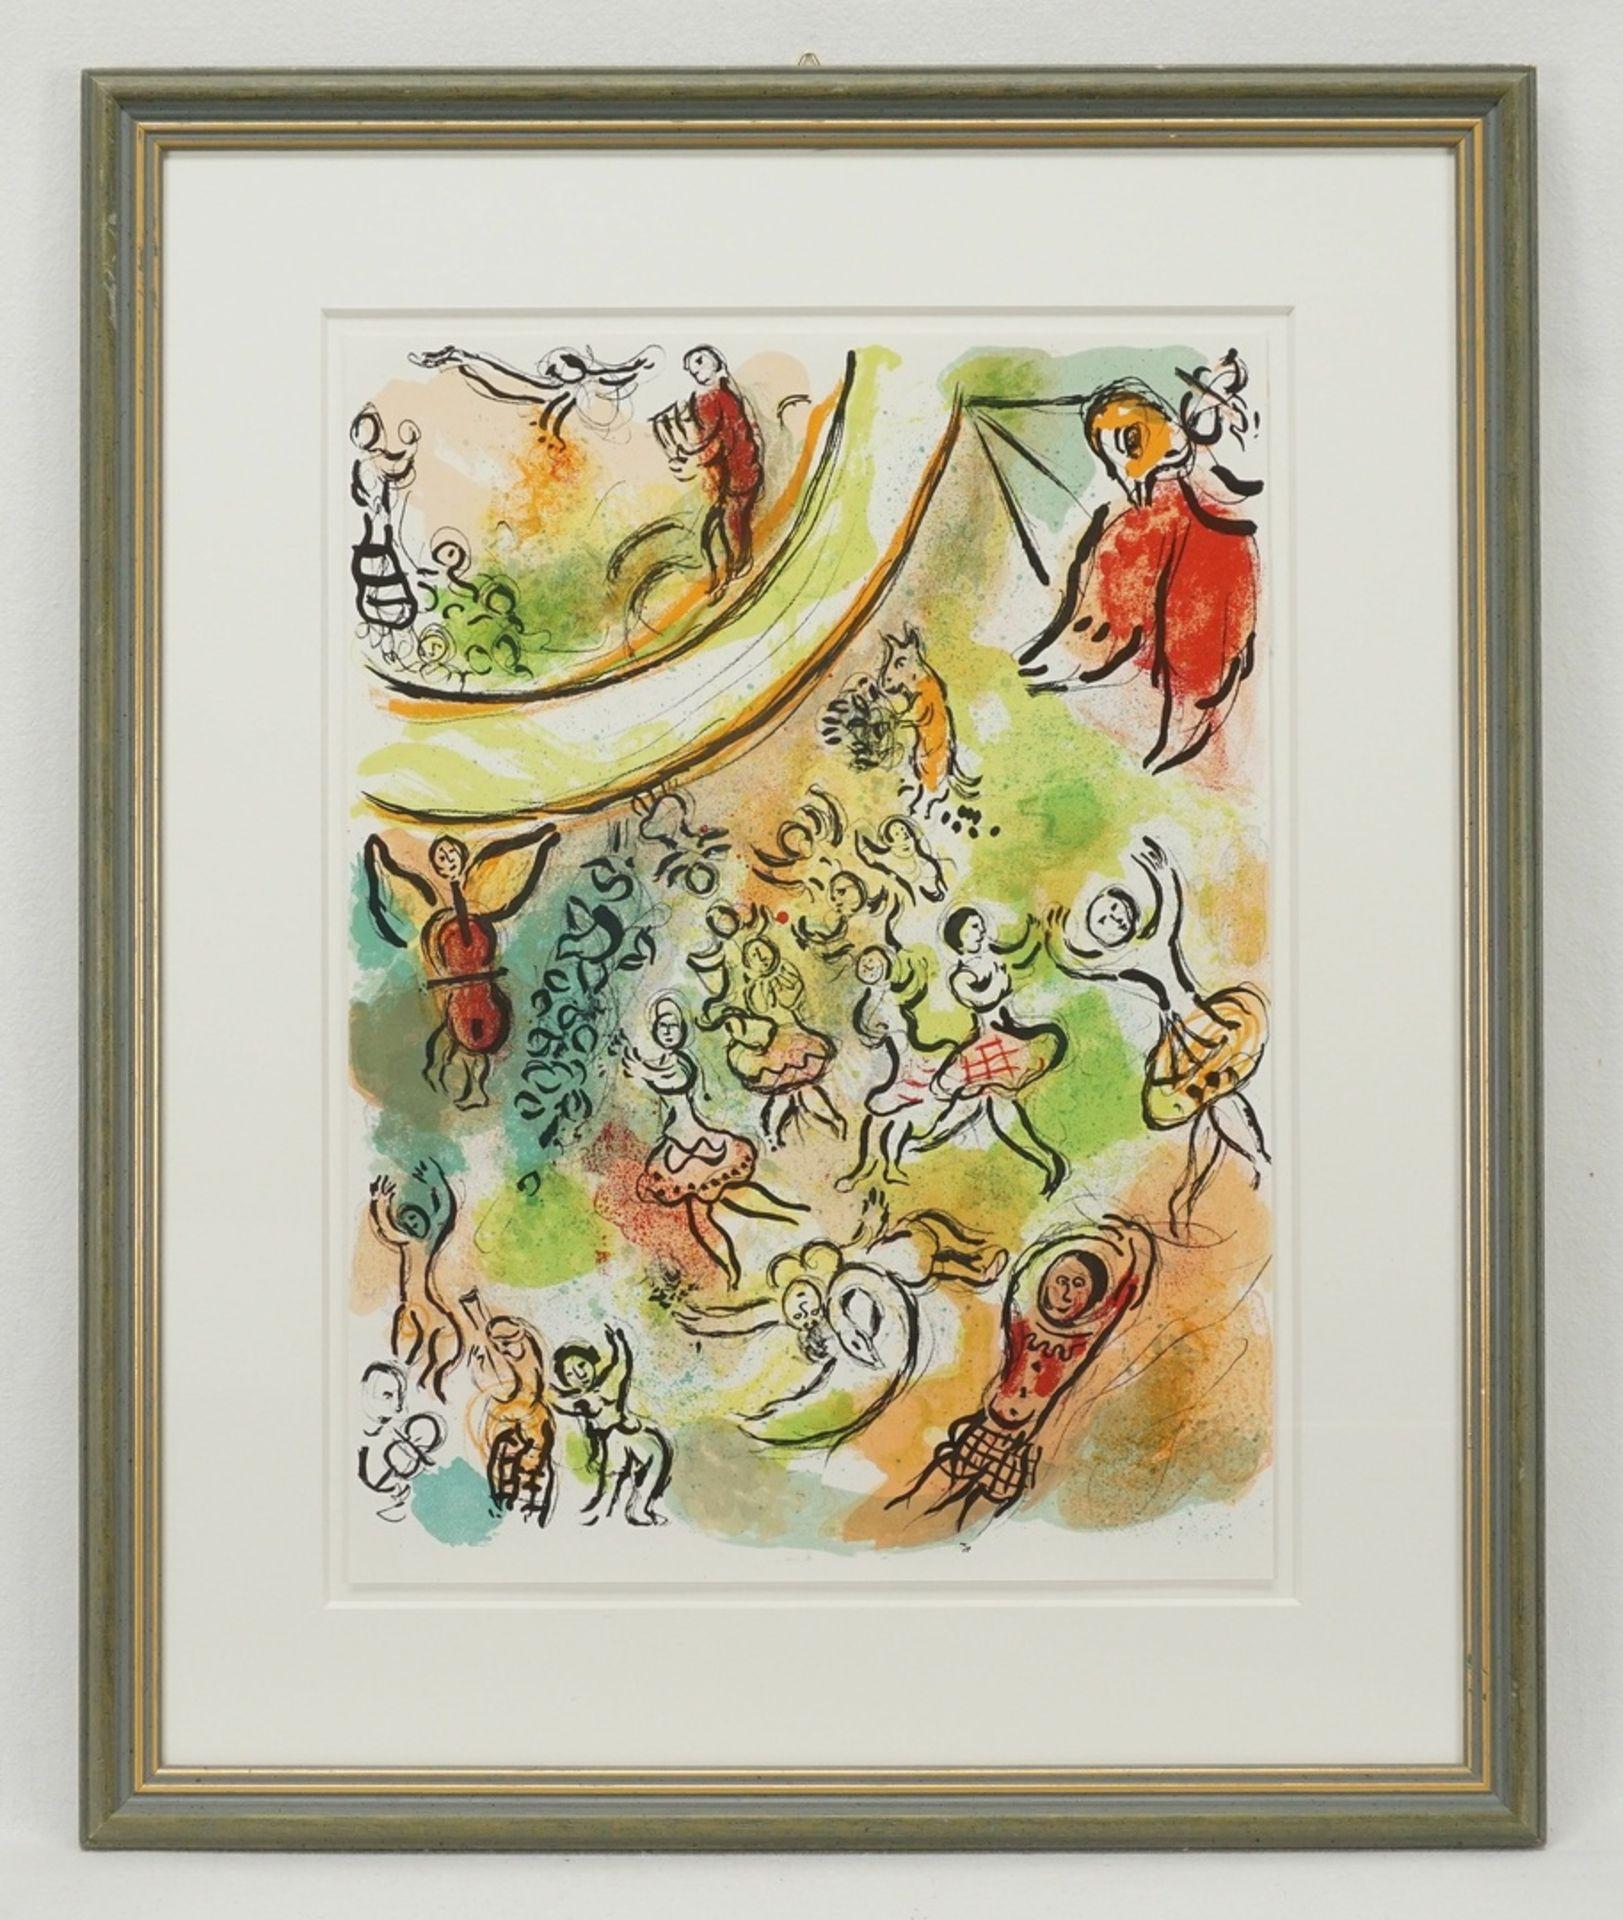 """Marc Chagall, """"Le plafond de l'Opéra de Paris"""" (Das Deckengemälde der Pariser Oper) - Bild 2 aus 2"""